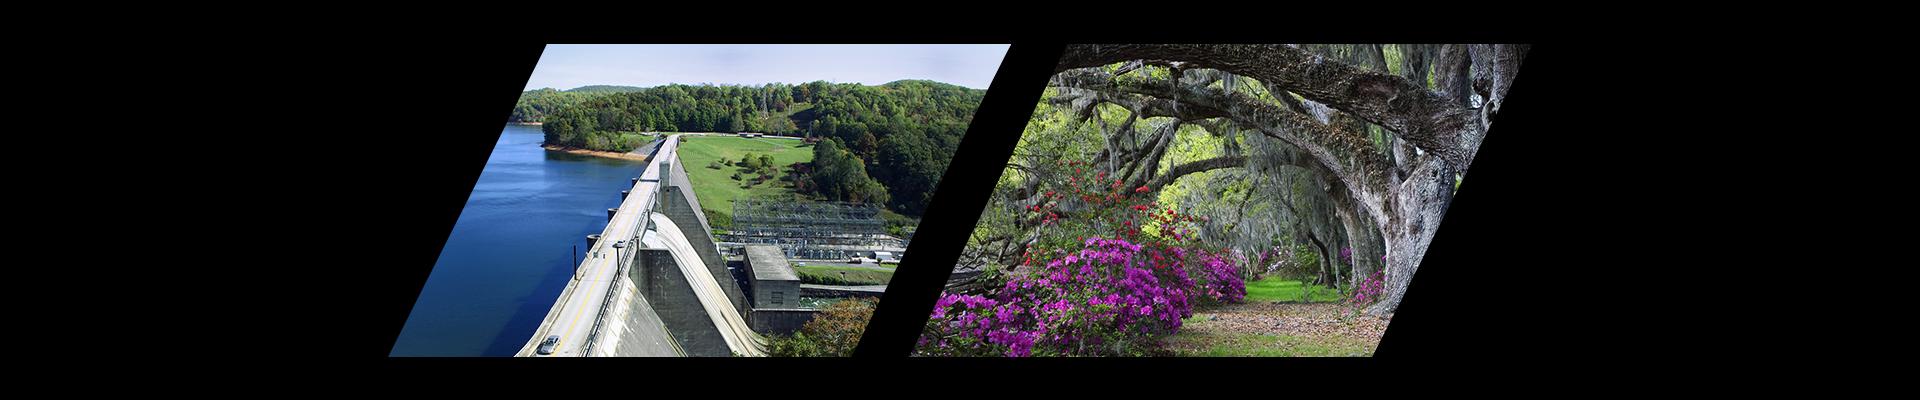 Norris Dam and the Magnolia Plantation